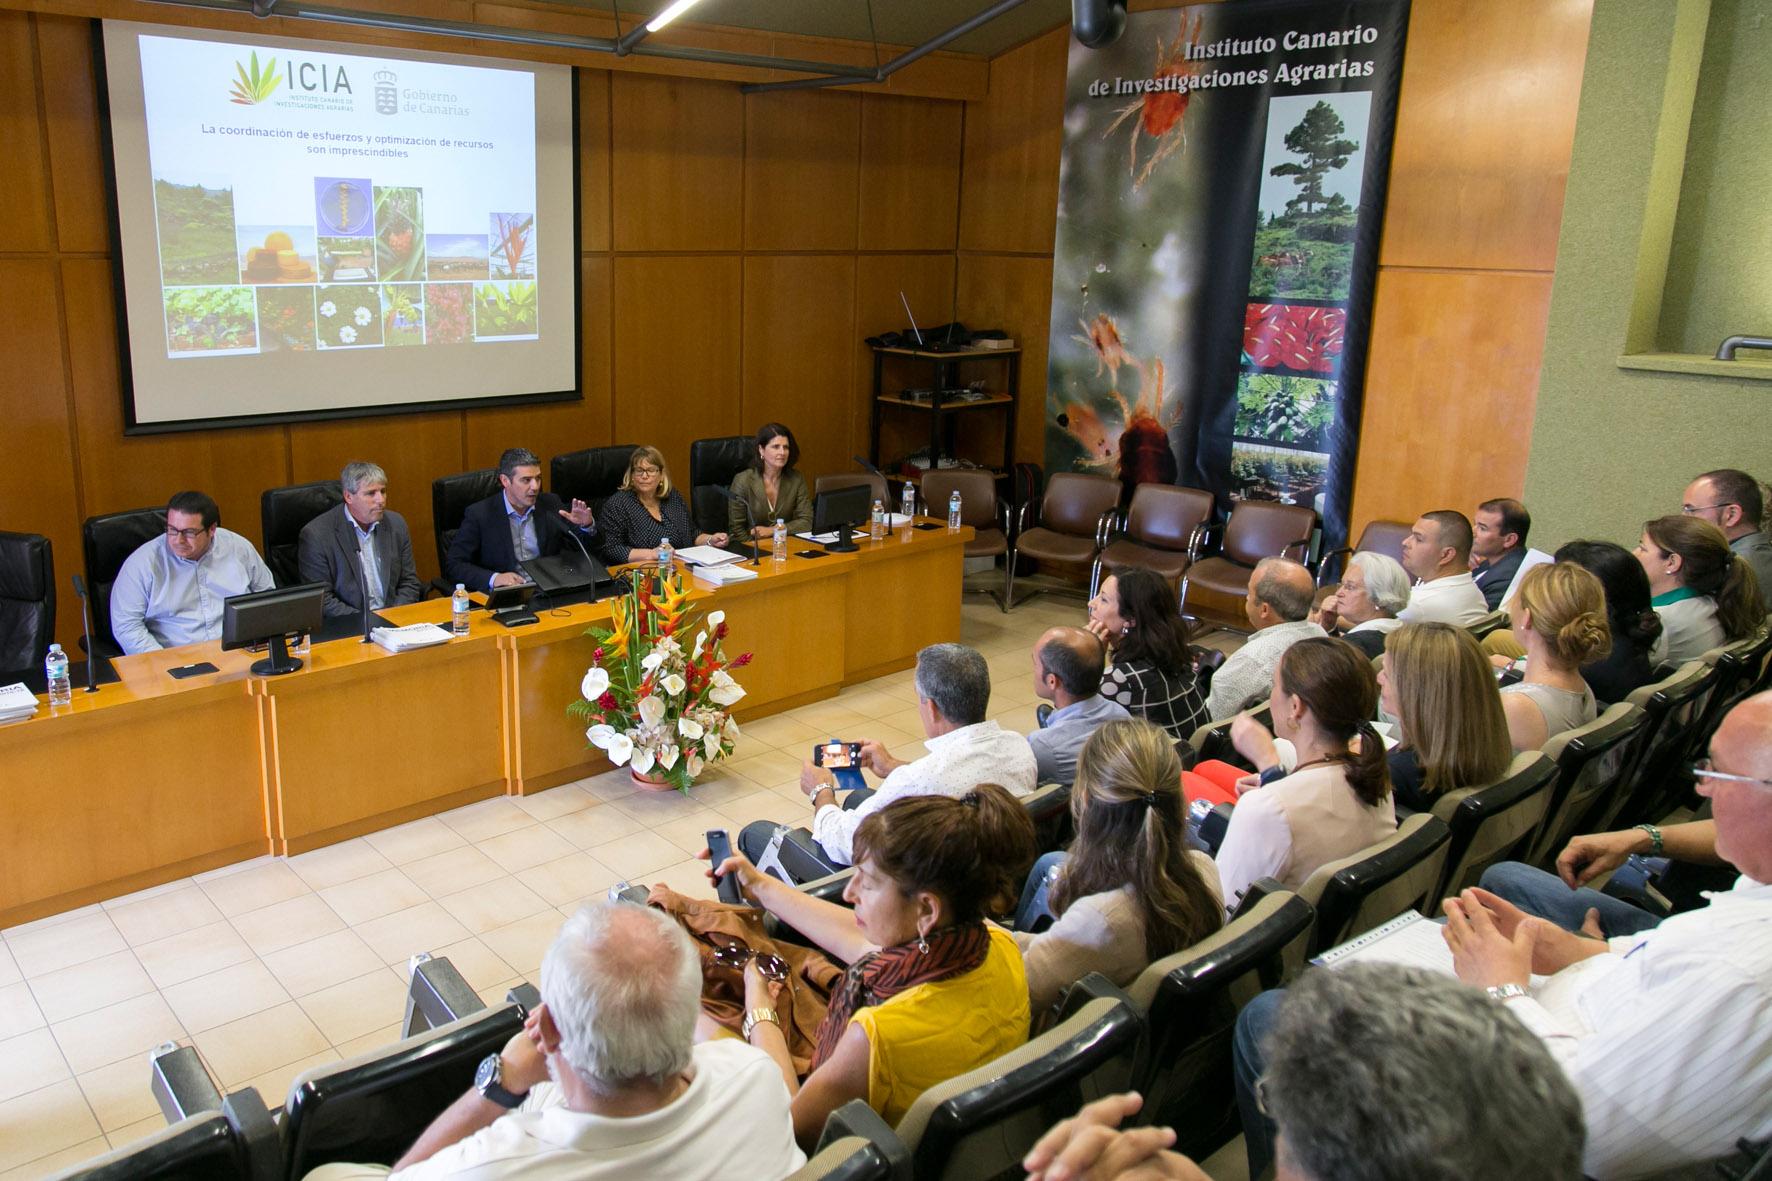 Miembros del Parlamento de Canarias visitan el ICIA